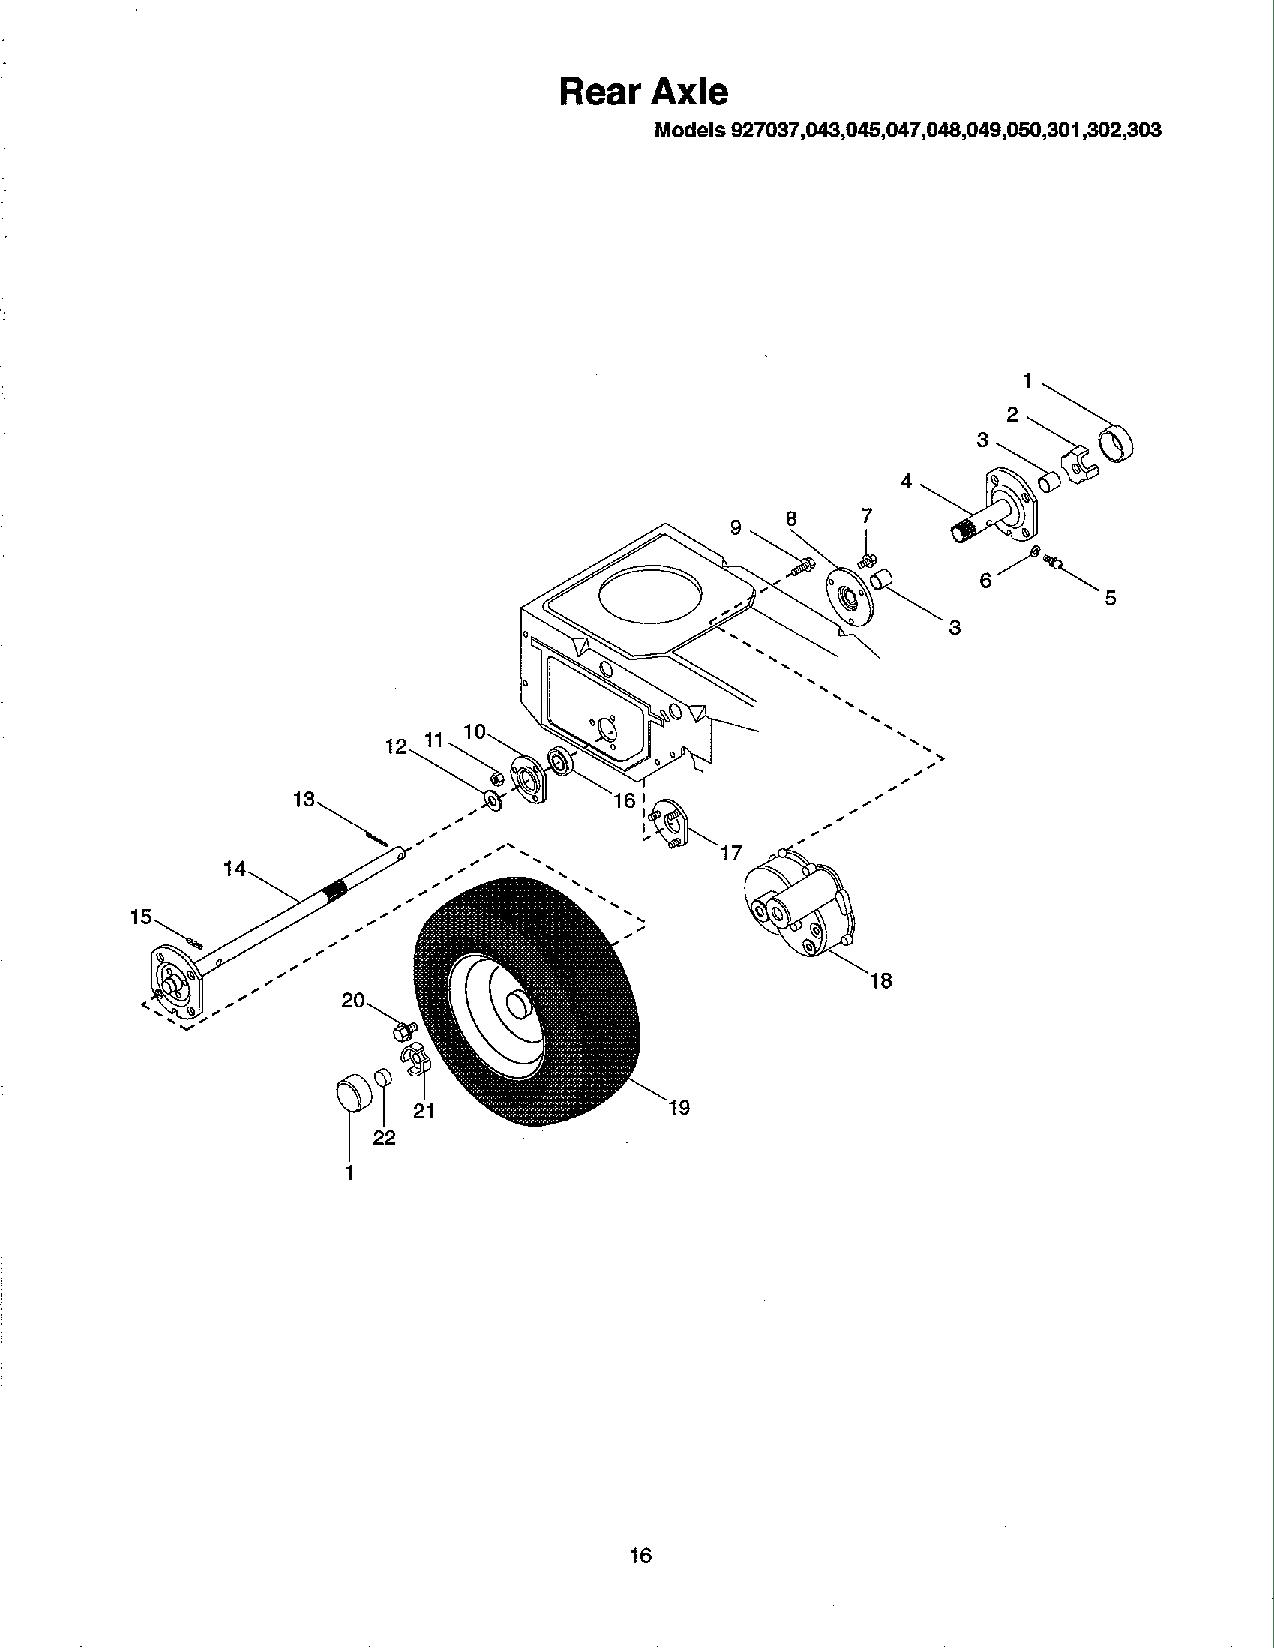 Ariens 927 User Manual